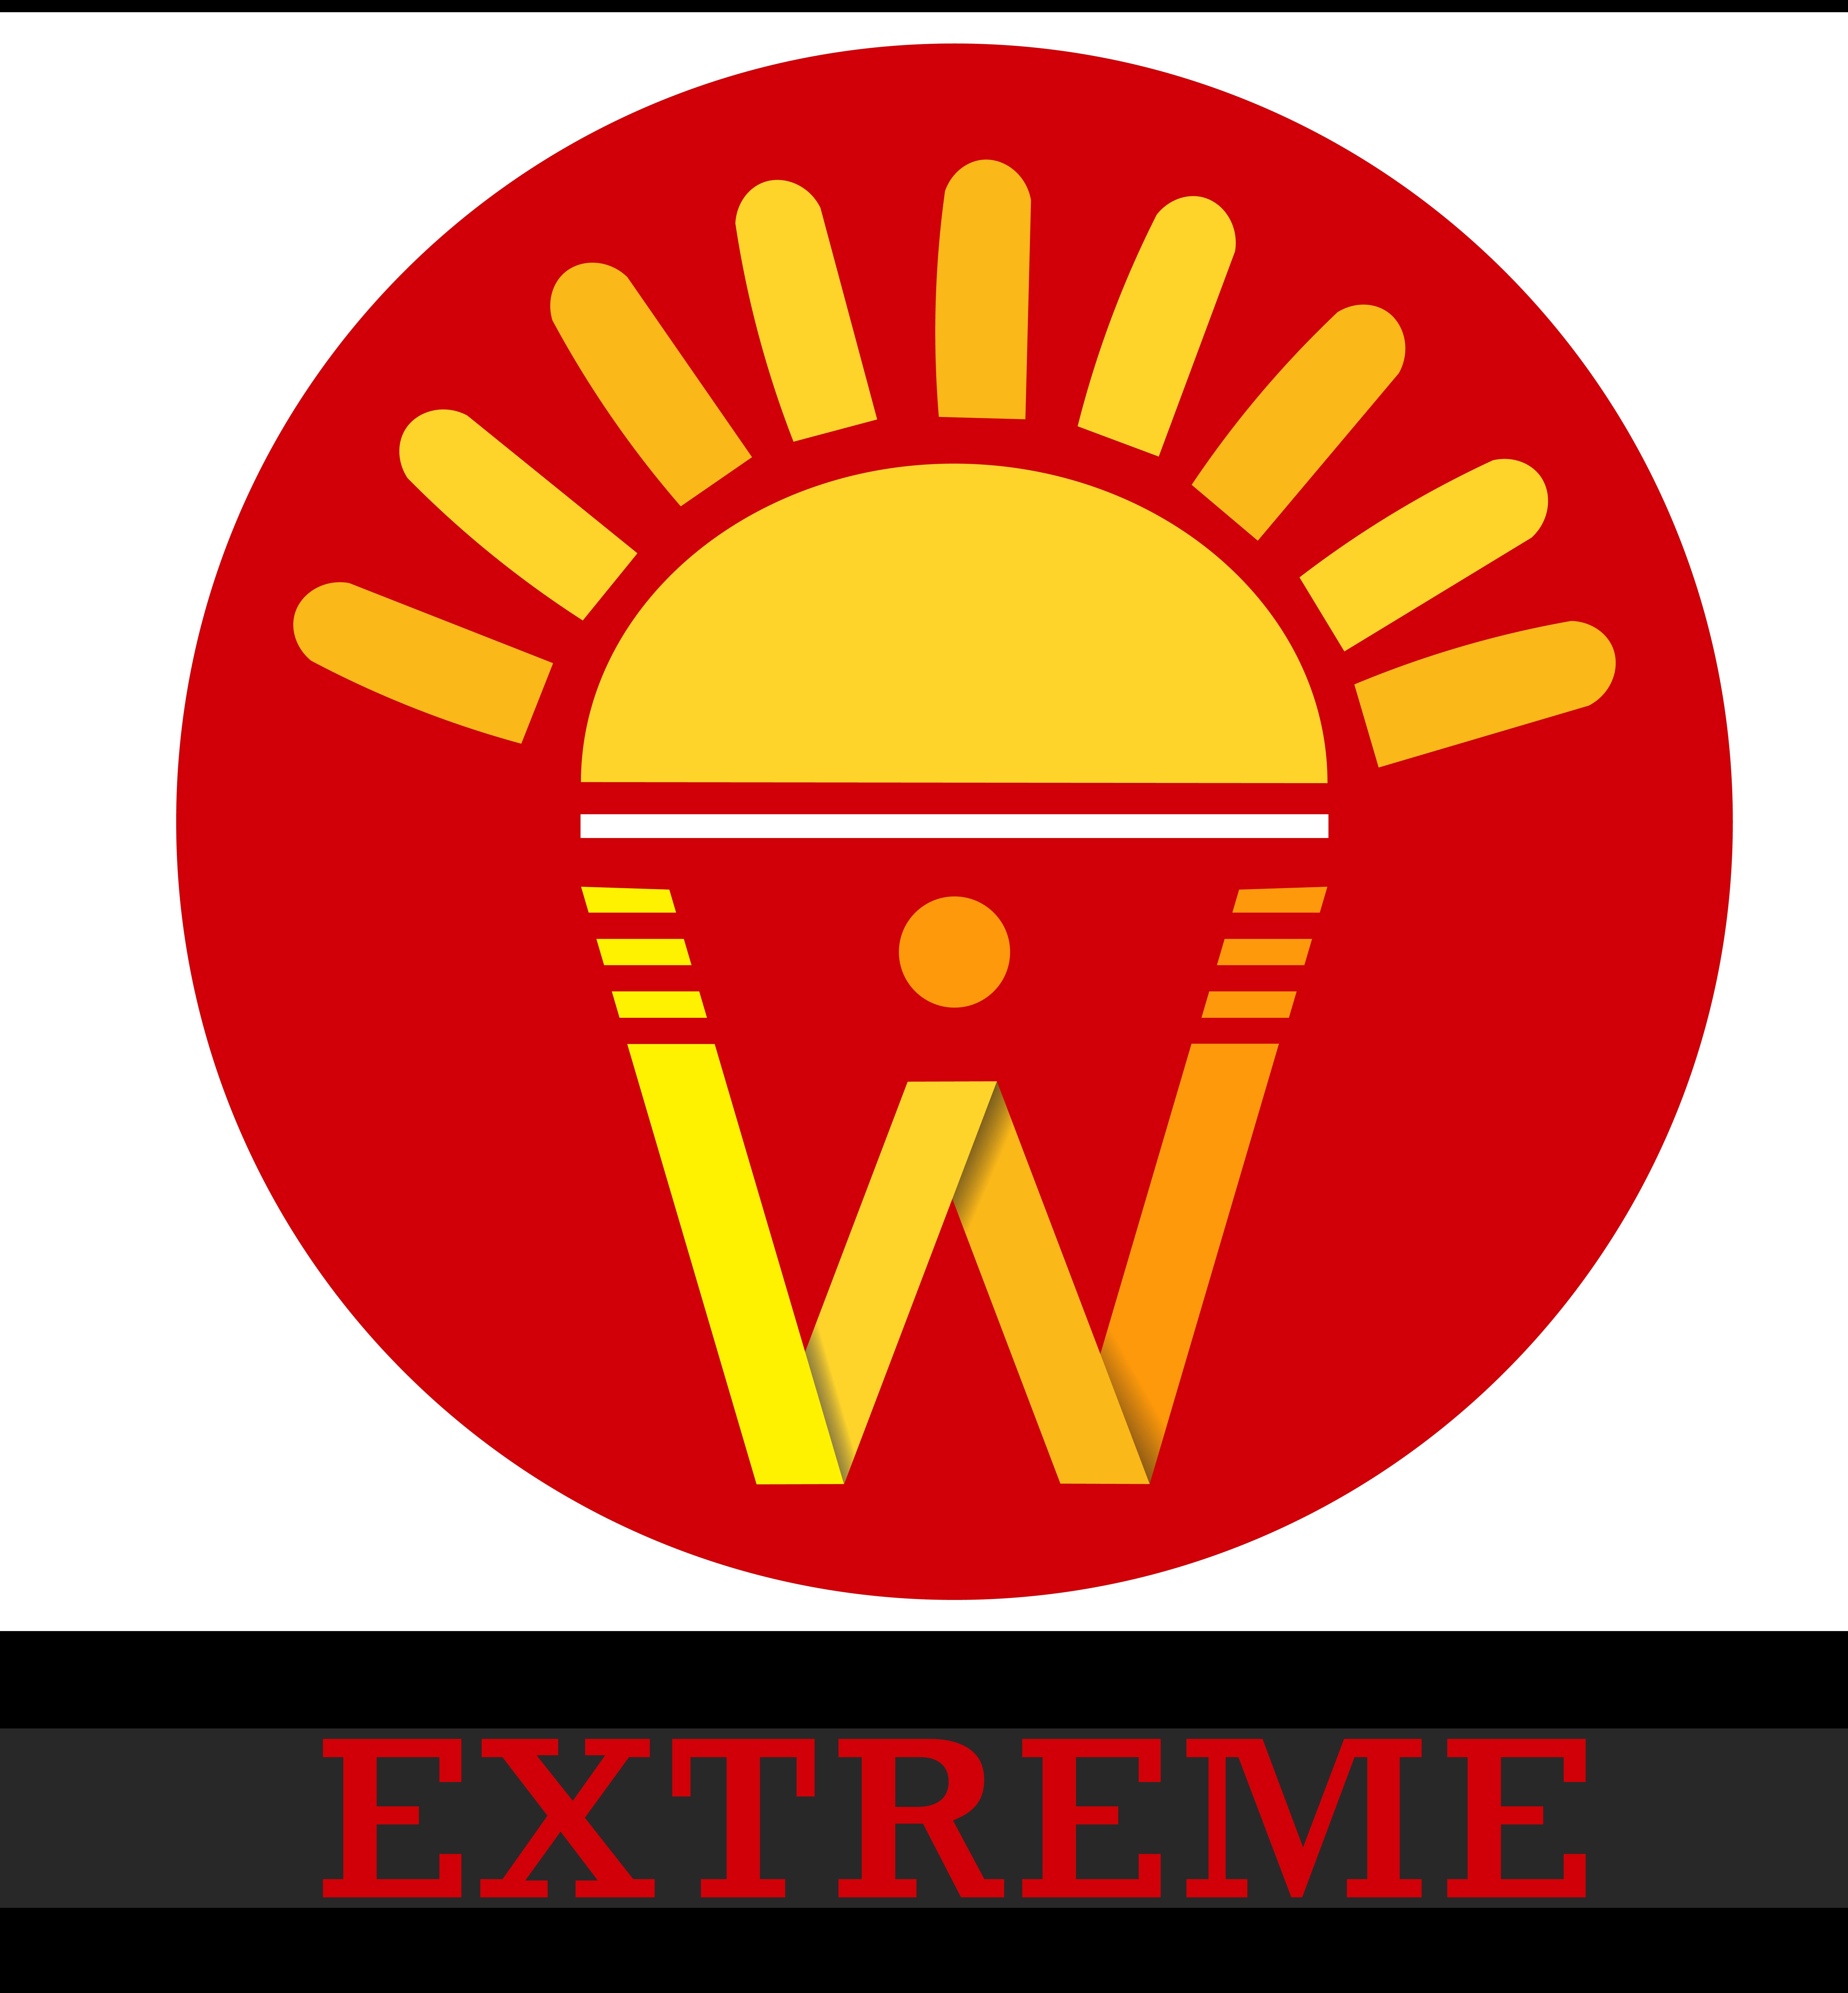 Whiz Extreme